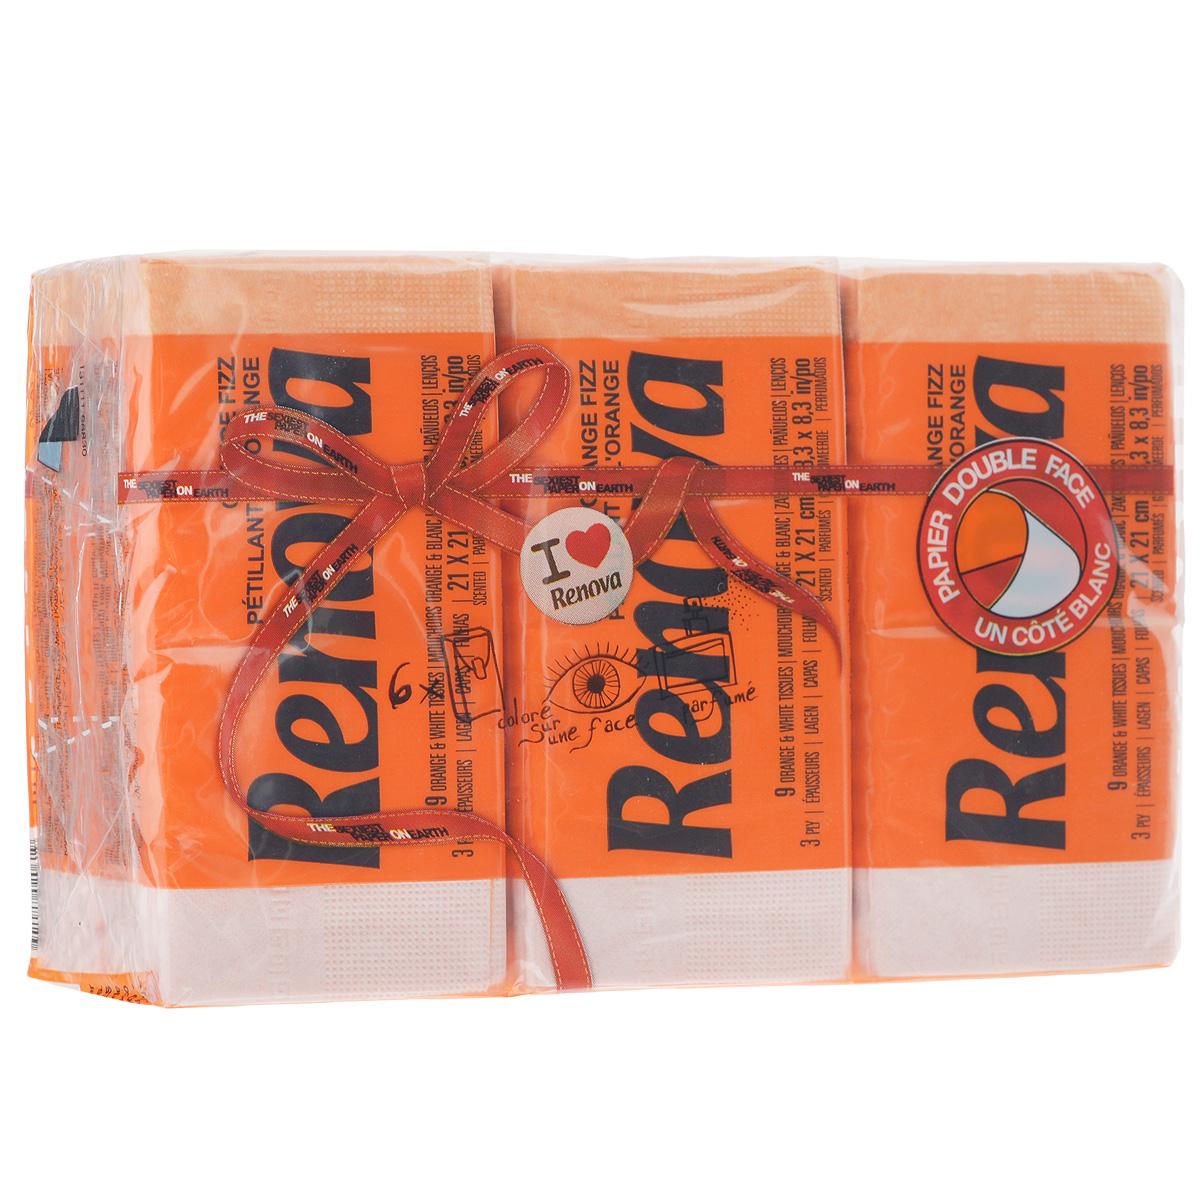 Платочки бумажные Renova Orange Fizz, ароматизированные, трехслойные, цвет: оранжевый, 6 пачекCRS-80273547Бумажные гигиенические платочки Renova Orange Fizz,изготовленные из 100% натуральной целлюлозы, подходят для детей и взрослых. Они обладают уникальными свойствами, так как всегда остаются мягкими на ощупь, прочными и отлично впитывающими влагу и могут быть пригодными в любой ситуации. Бумажные платочки RenovaOrange Fizz имеют сладкий аромат апельсина. Удобная небольшая упаковка позволяет носитьплаточки в кармане.Количество слоев: 3.Размер листа: 21 см х 21 см.Количество пачек: 6 шт.Количество платочков в каждой пачке: 9 шт.Португальская компания Renova является ведущим разработчиком новейших технологий производства, нового стиля и направления на рынке гигиенической продукции. Современный дизайн и высочайшее качество, дерматологический контроль - это то, что выделяет компанию Renova среди других производителей бумажной санитарно-гигиенической продукции.